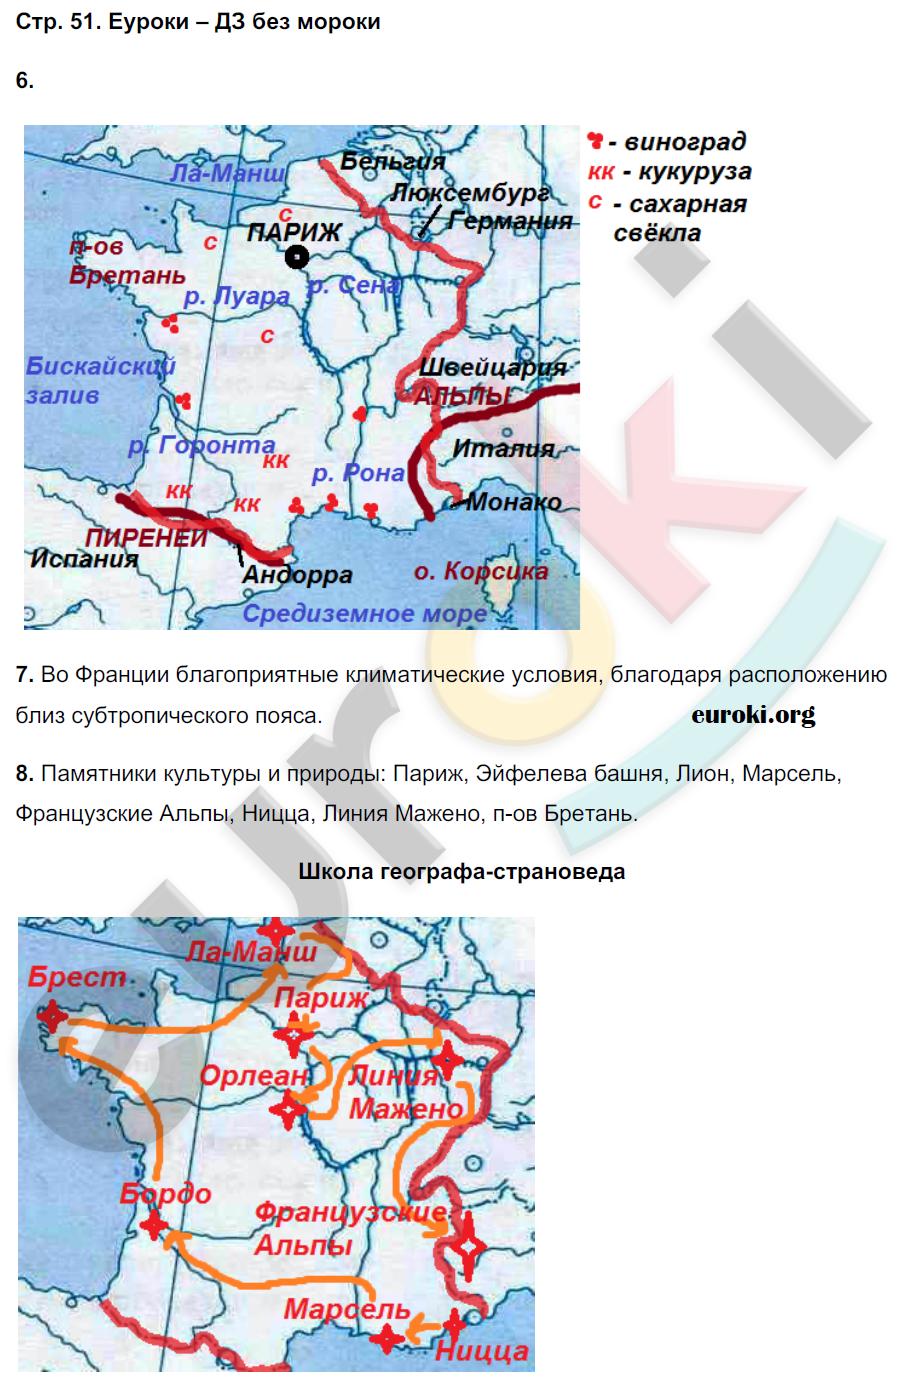 ГДЗ по географии 7 класс рабочая тетрадь Душина Часть 1, 2. Задание: стр. 51